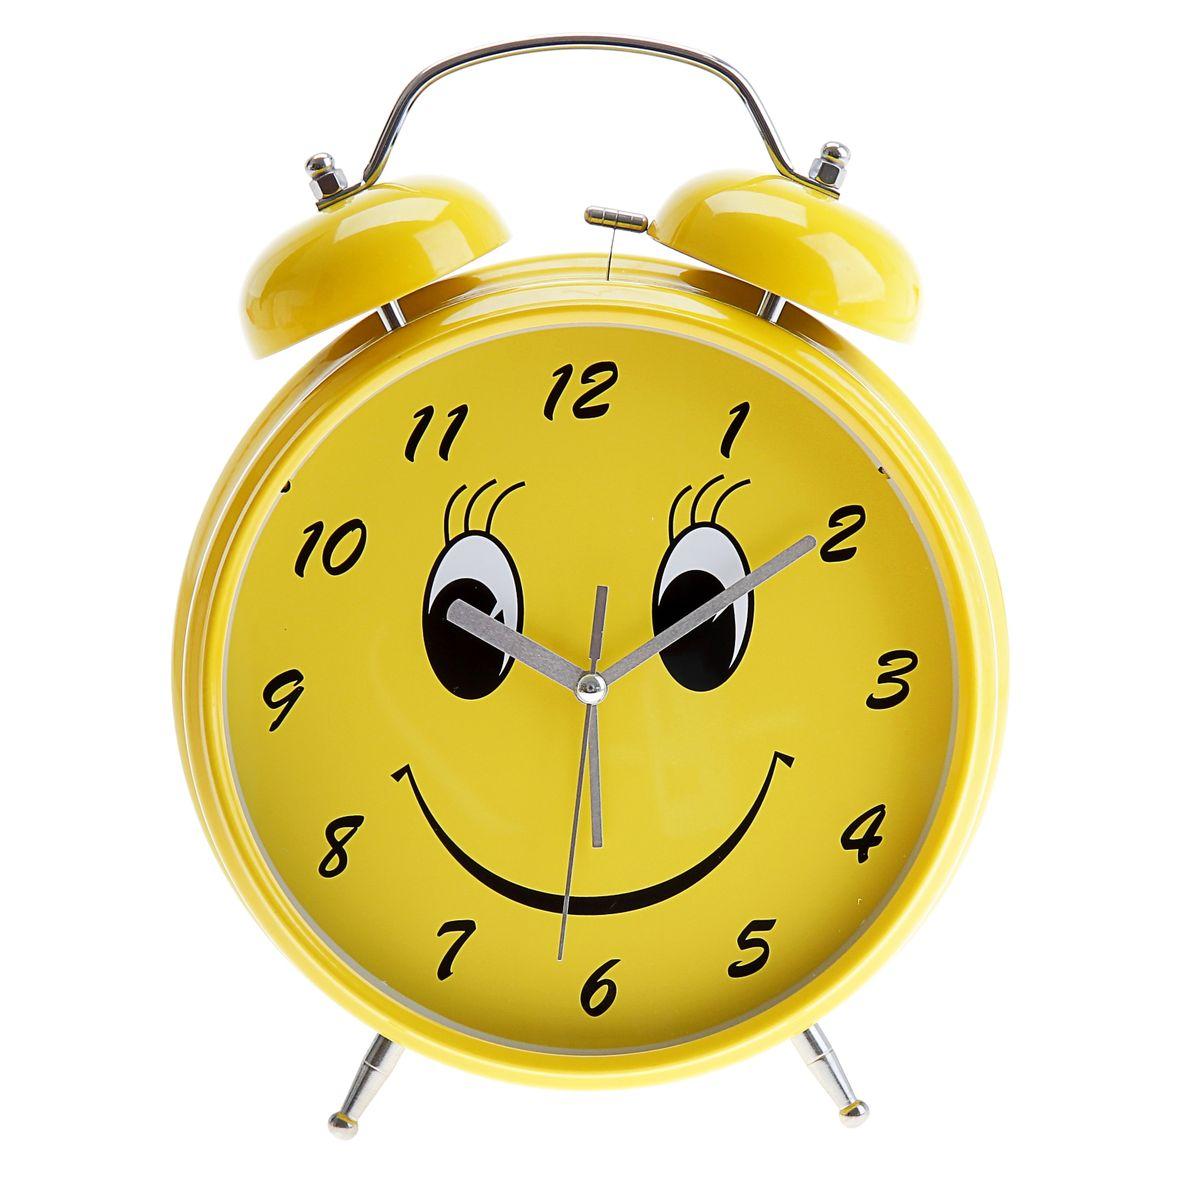 Часы-будильник Sima-land  Смайл , цвет: желтый, диаметр 20 см - Радиобудильники и проекционные часы